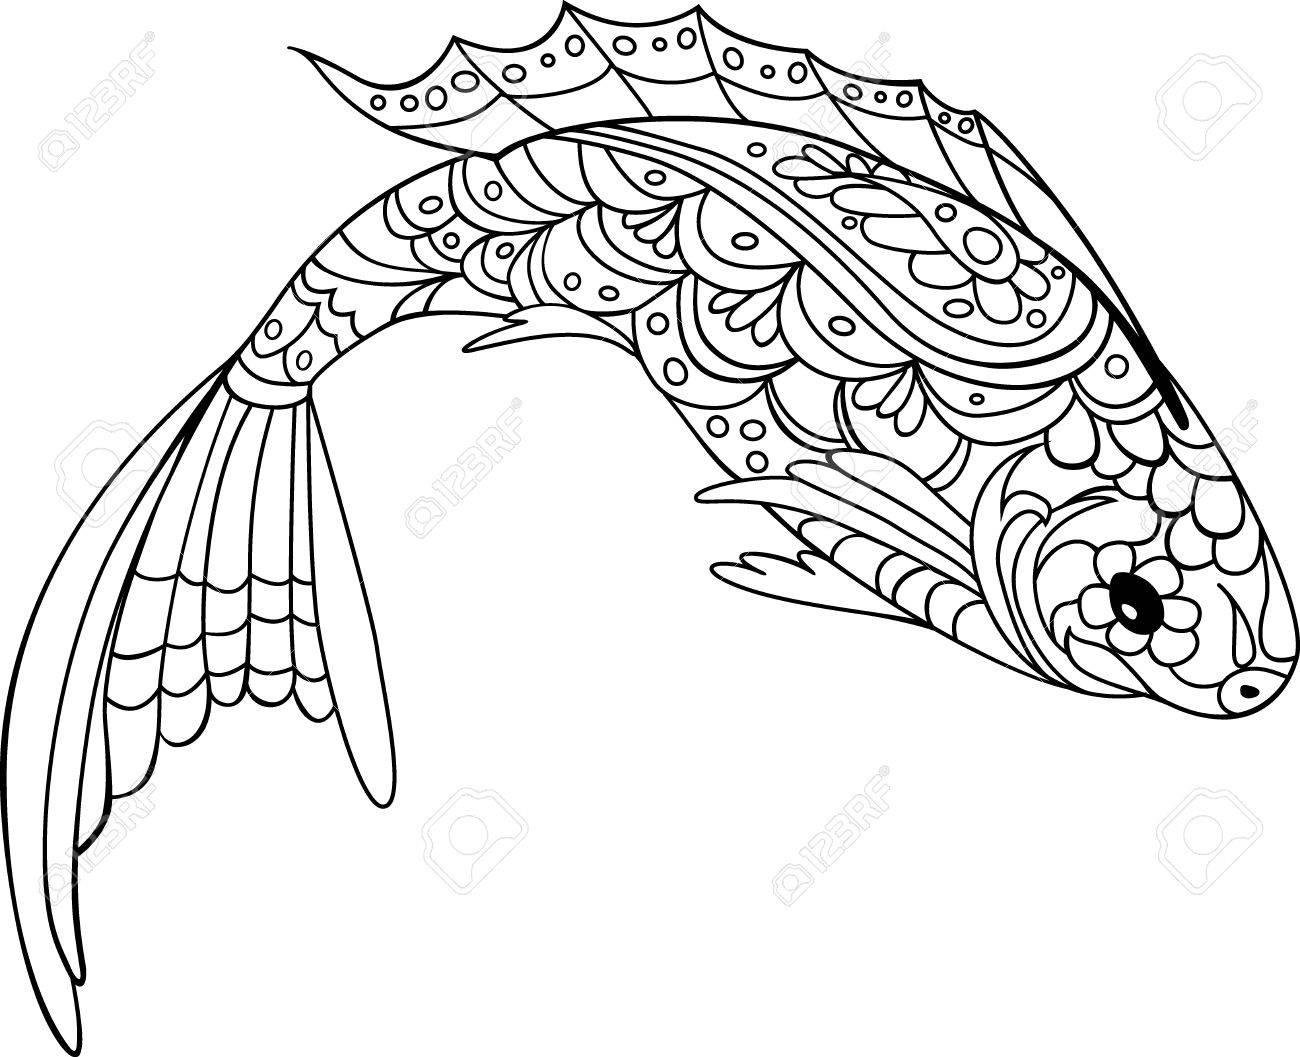 魚 Zentangle スタイル大人と子供抗ストレスのぬり絵塗り絵の